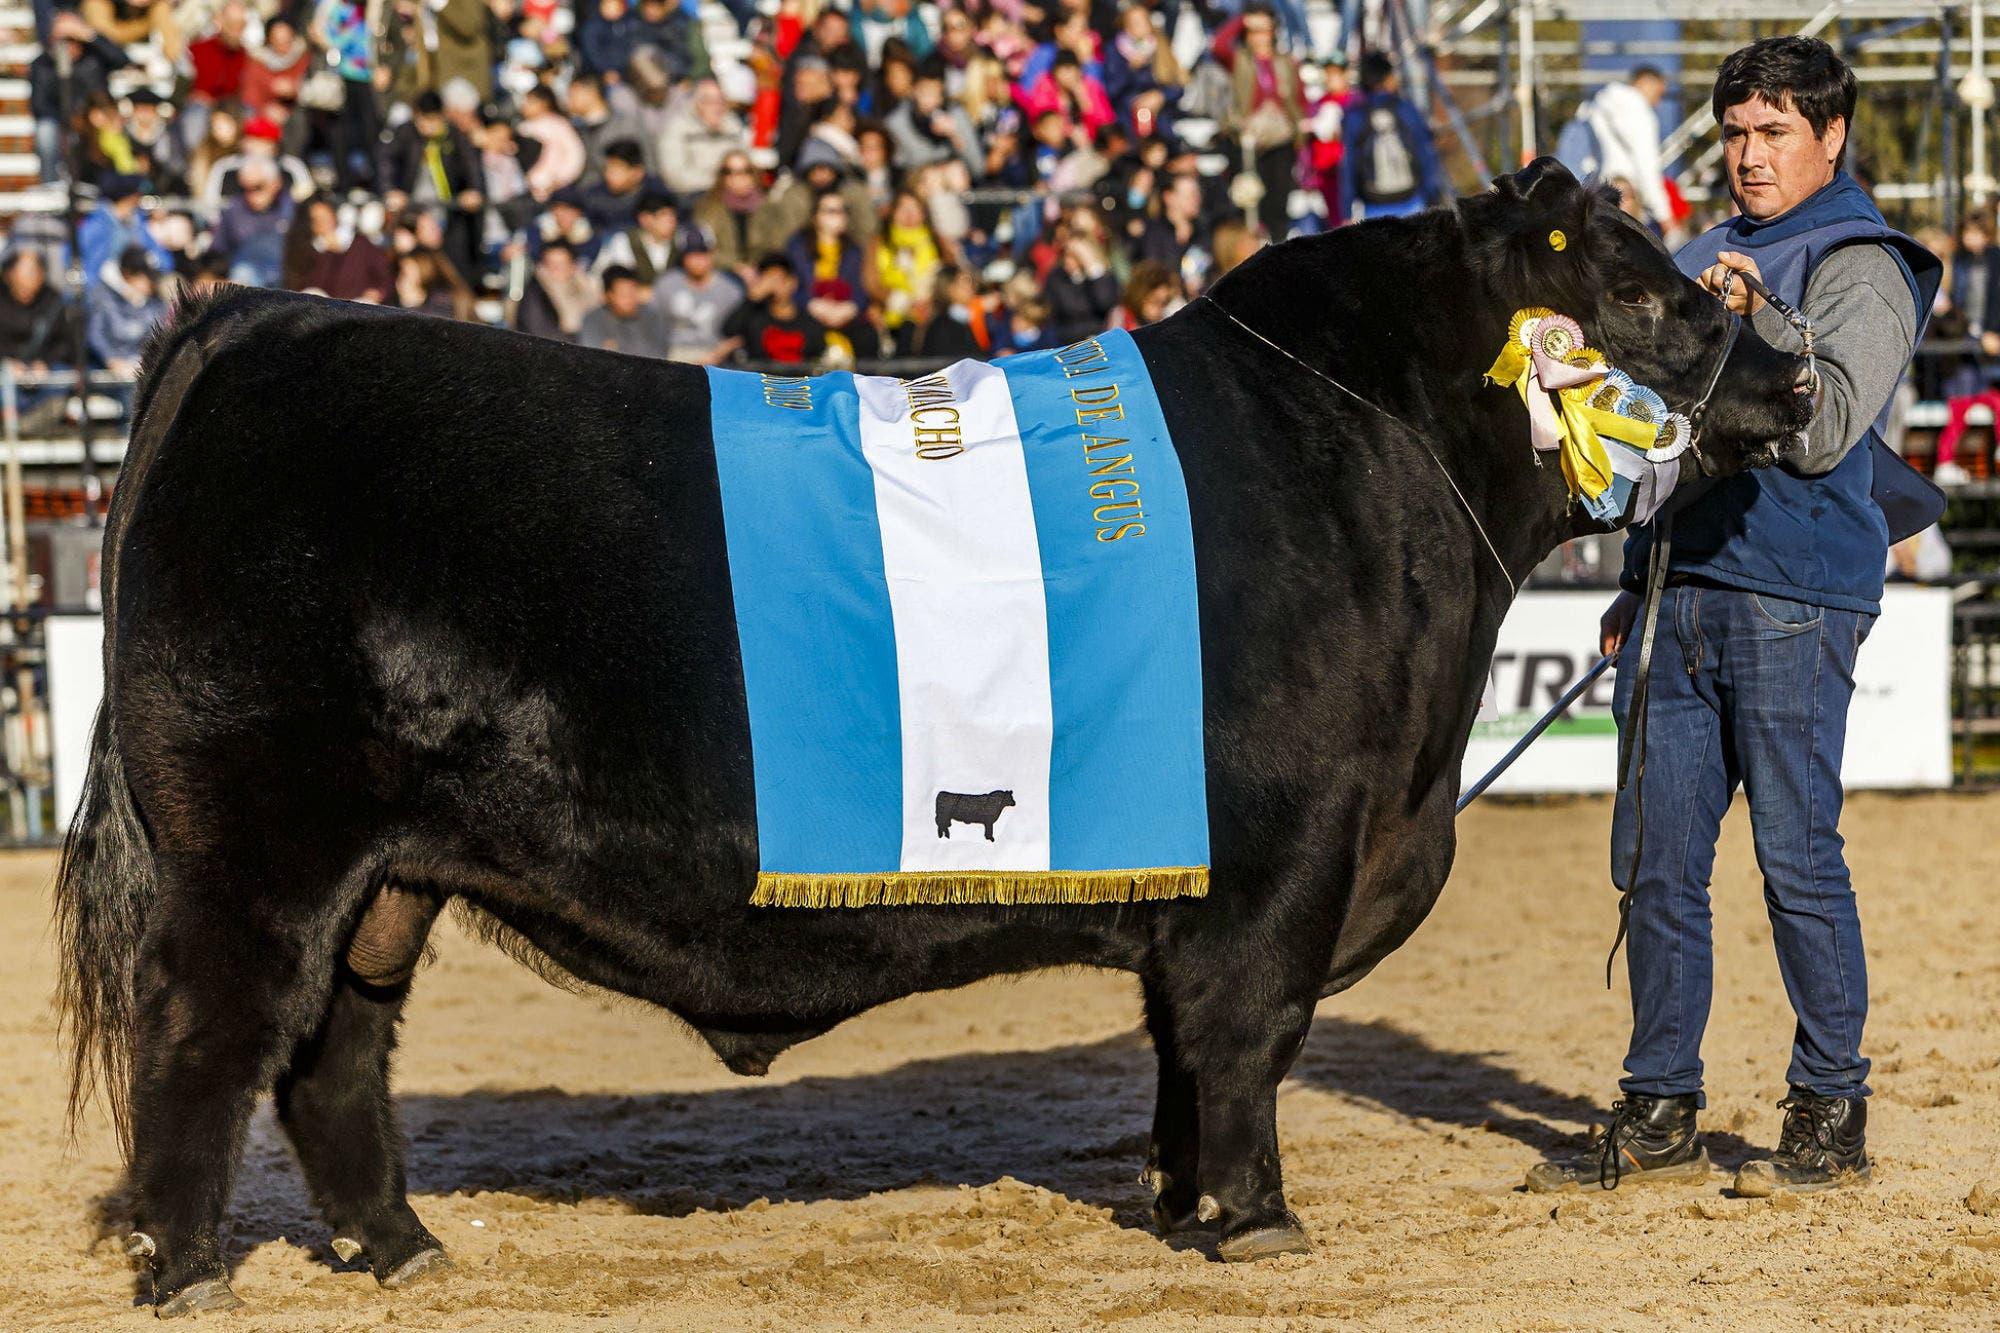 Exposición Rural. Un toro de Los Lazos, Gran Campeón Macho Aberdeen Angus